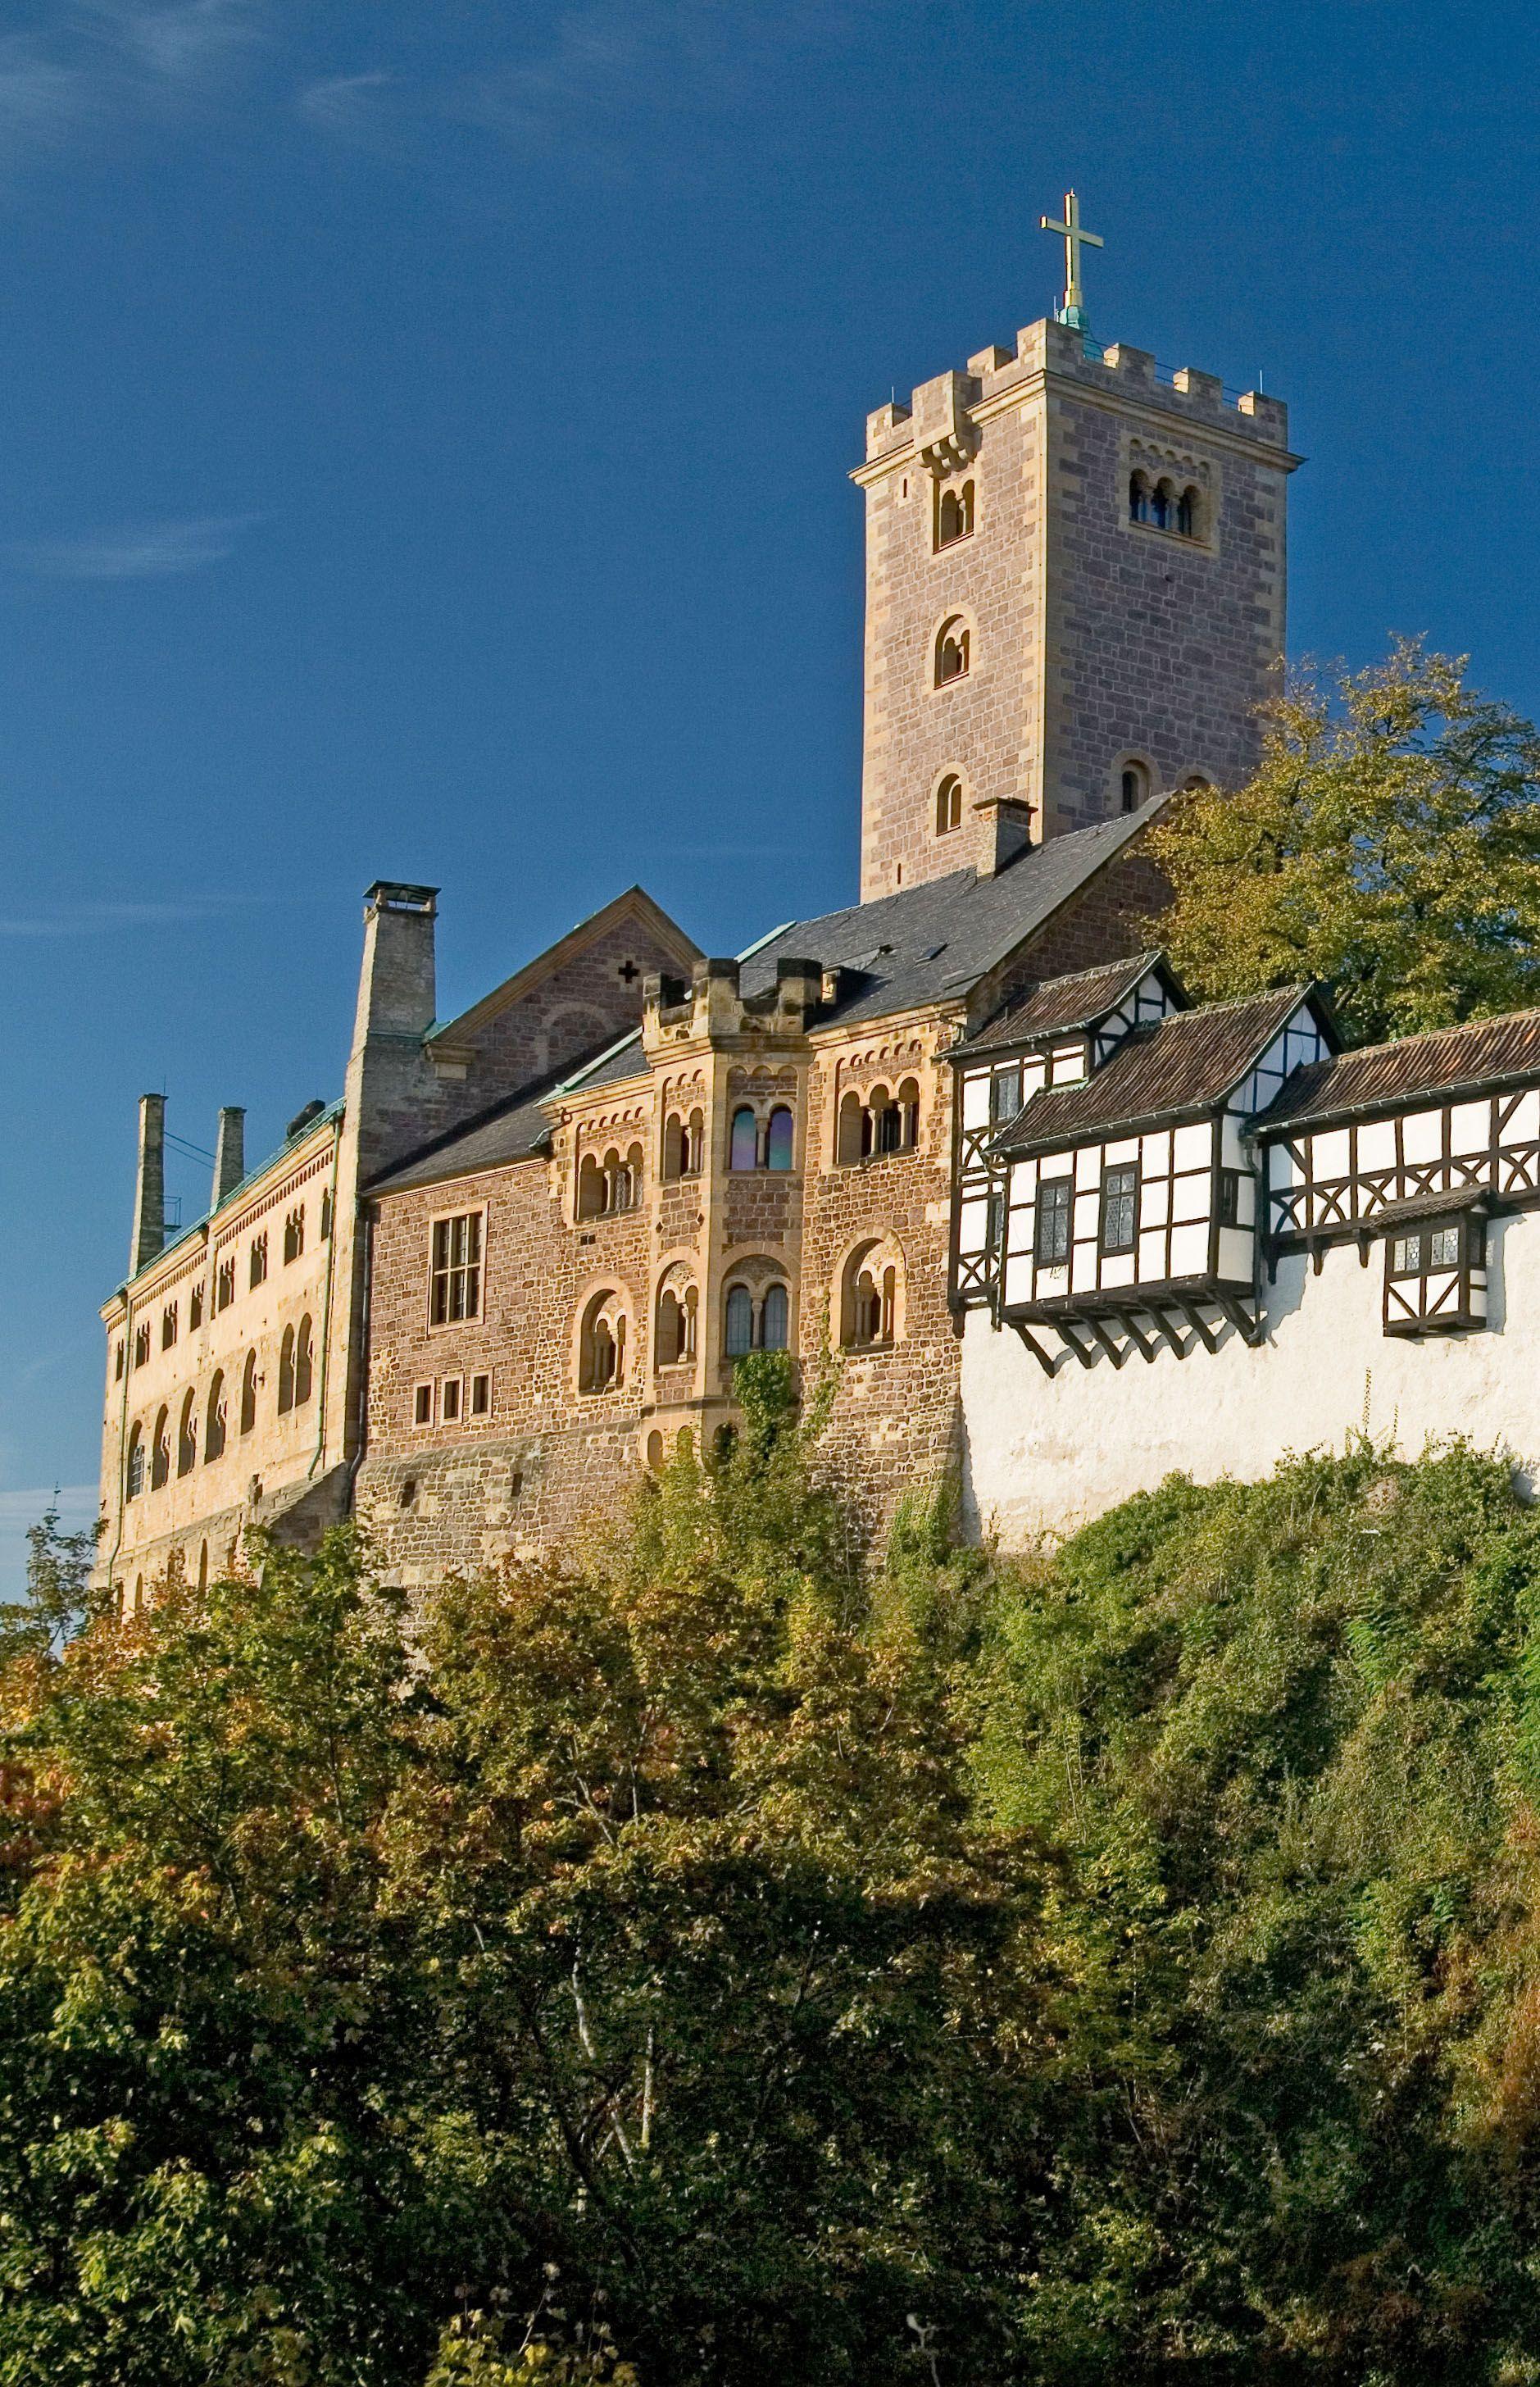 Die Wartburg In Hainich Gehort Zum Weltkulturerbe In Deutschland Hier Hat Luther Die Bibel Ubersetzt Unesco Germany Bur Burg Burgen Und Schlosser Wartburg